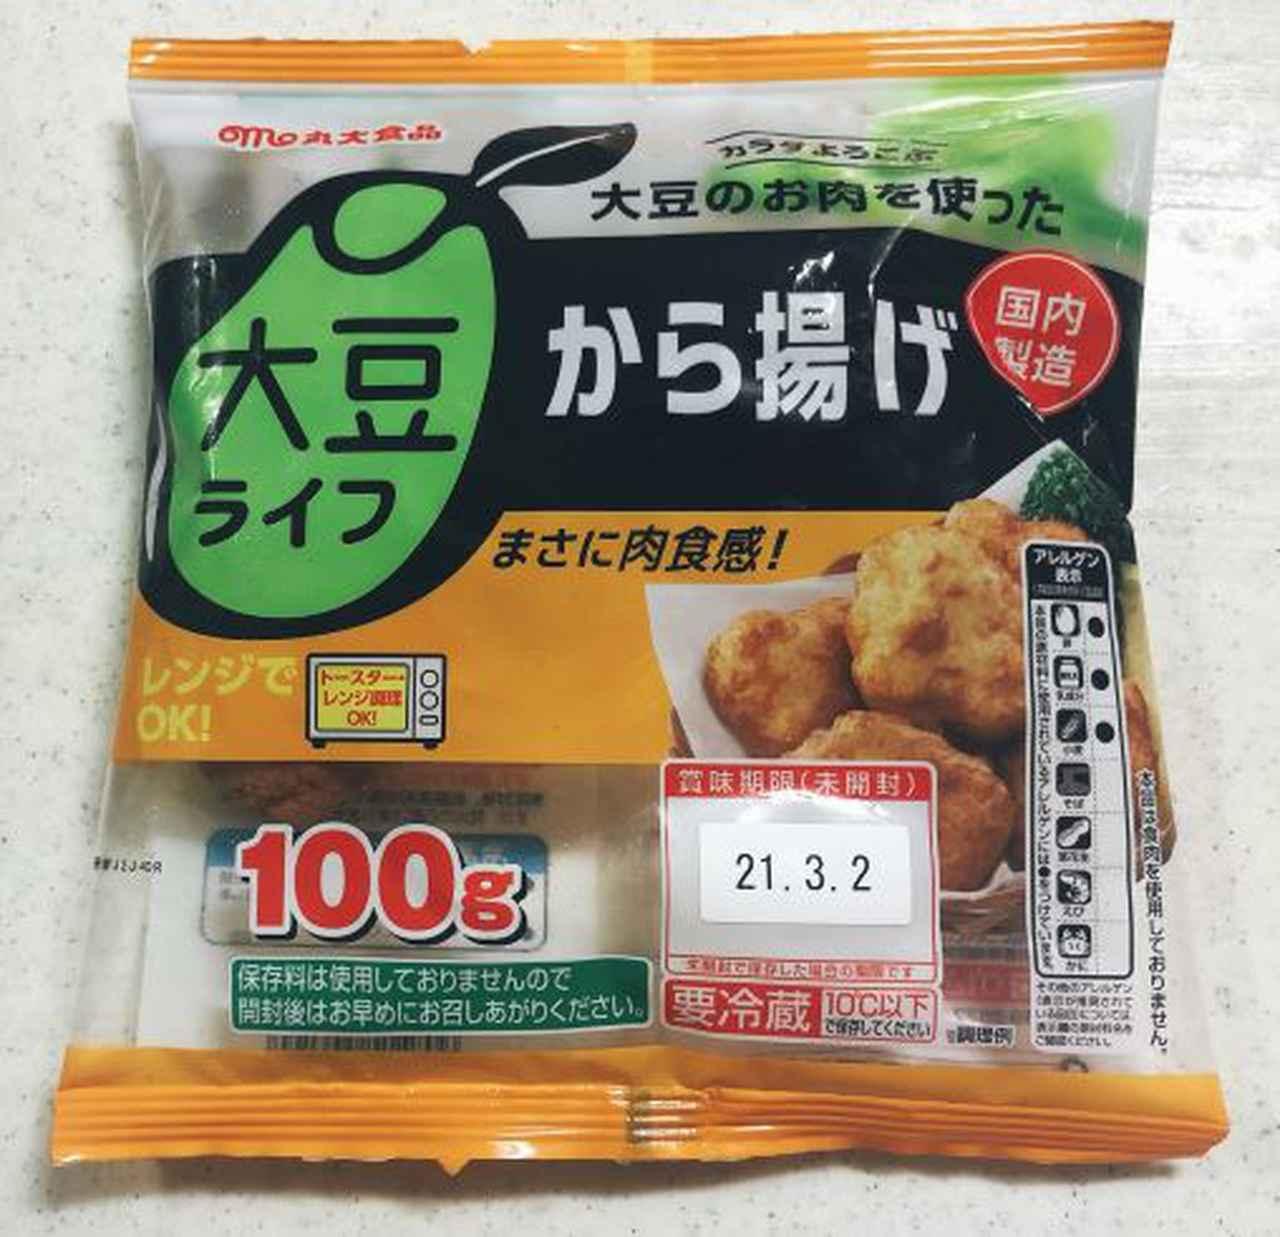 画像: 大豆ライフ 大豆のお肉を使ったから揚げ(丸大食品) 100g 198円 prtimes.jp